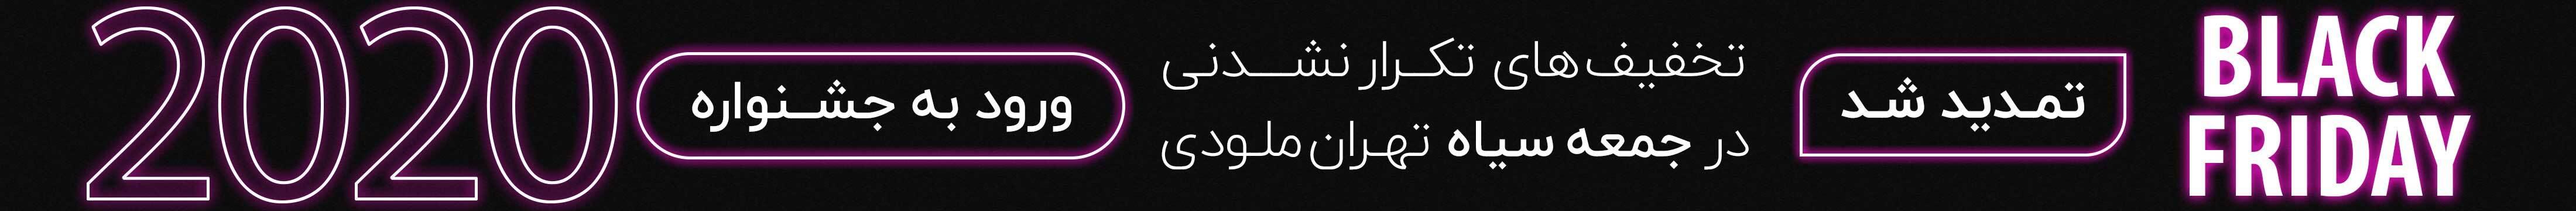 جمعه سیاه تهران ملودی